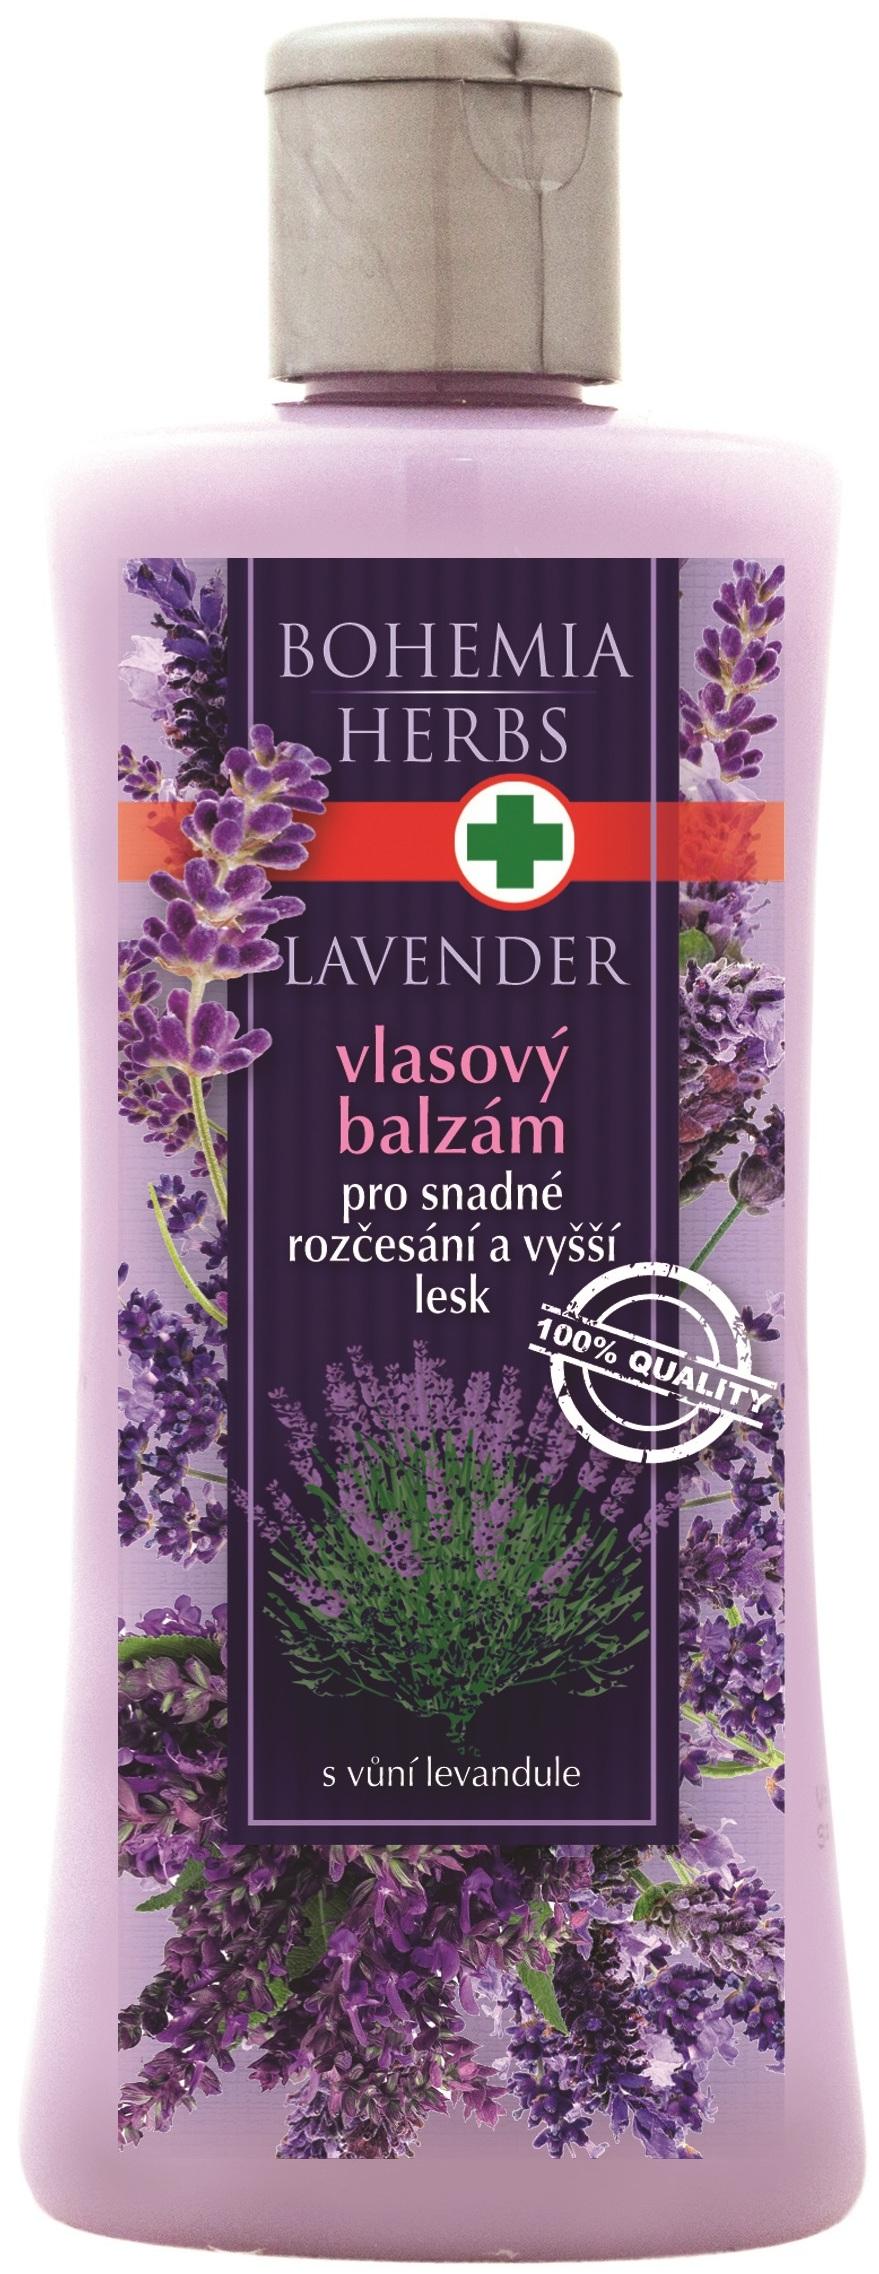 Fotografie BohemiaGifts & Cosmetics Herbs Lavender vlasový balzám pro snadné rozčesávání a vyšší lesk 250 ml